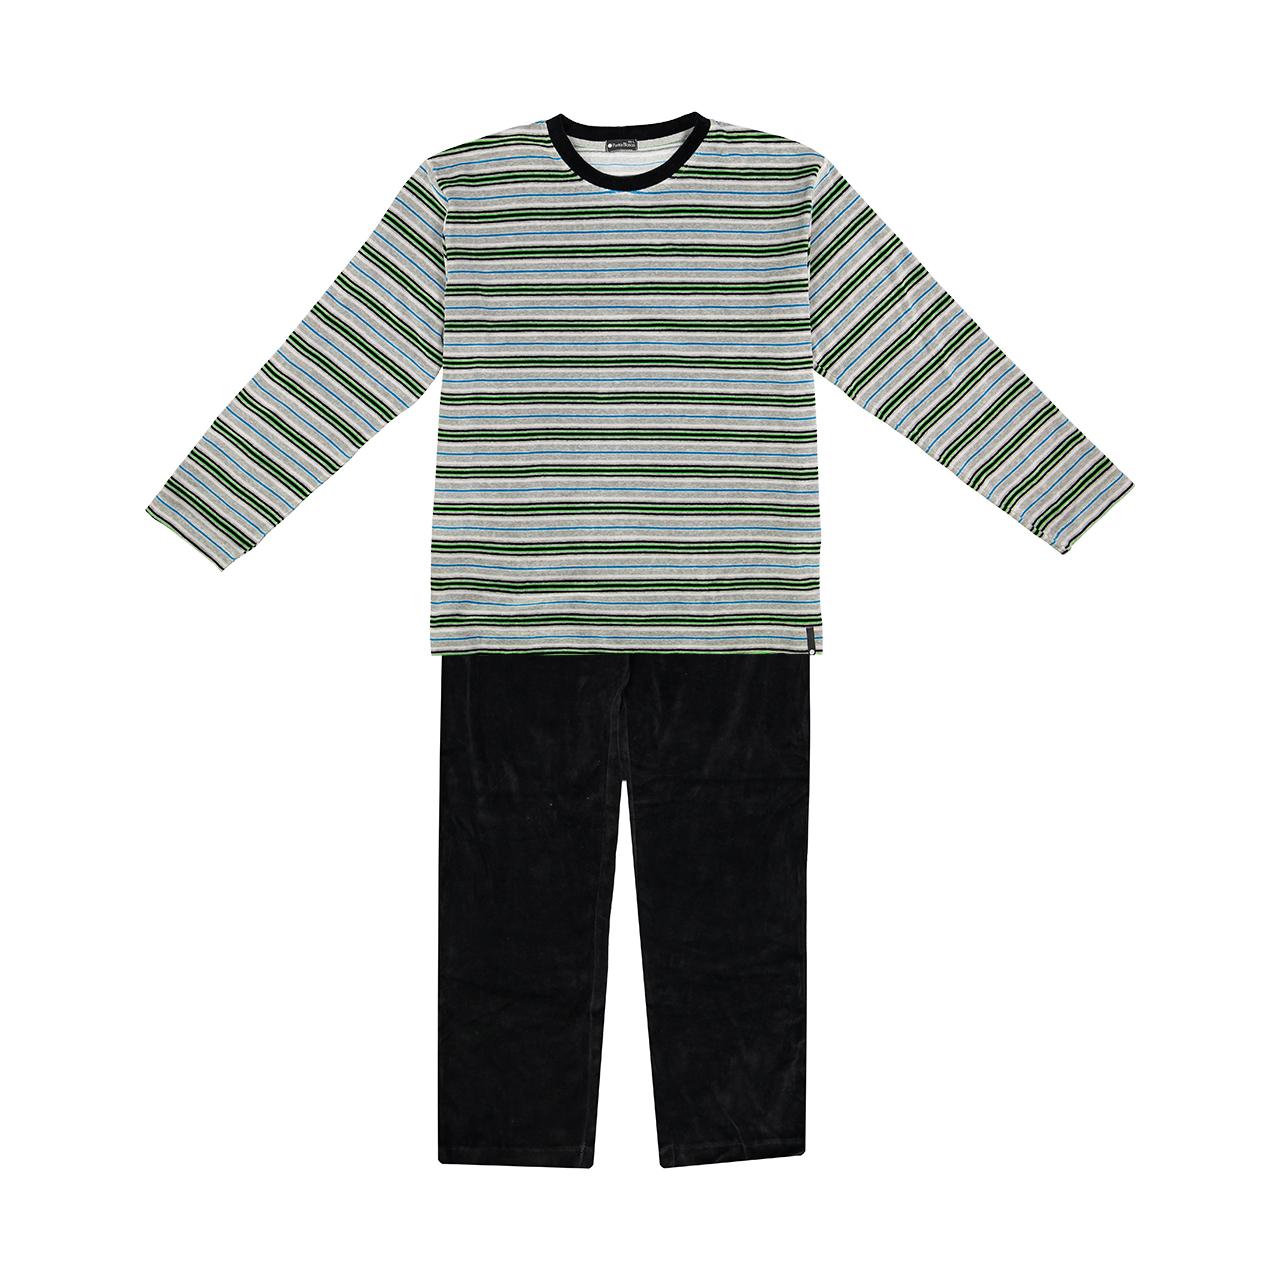 تی شرت و شلوار مردانه پونتو بلانکو کد 654-3413770